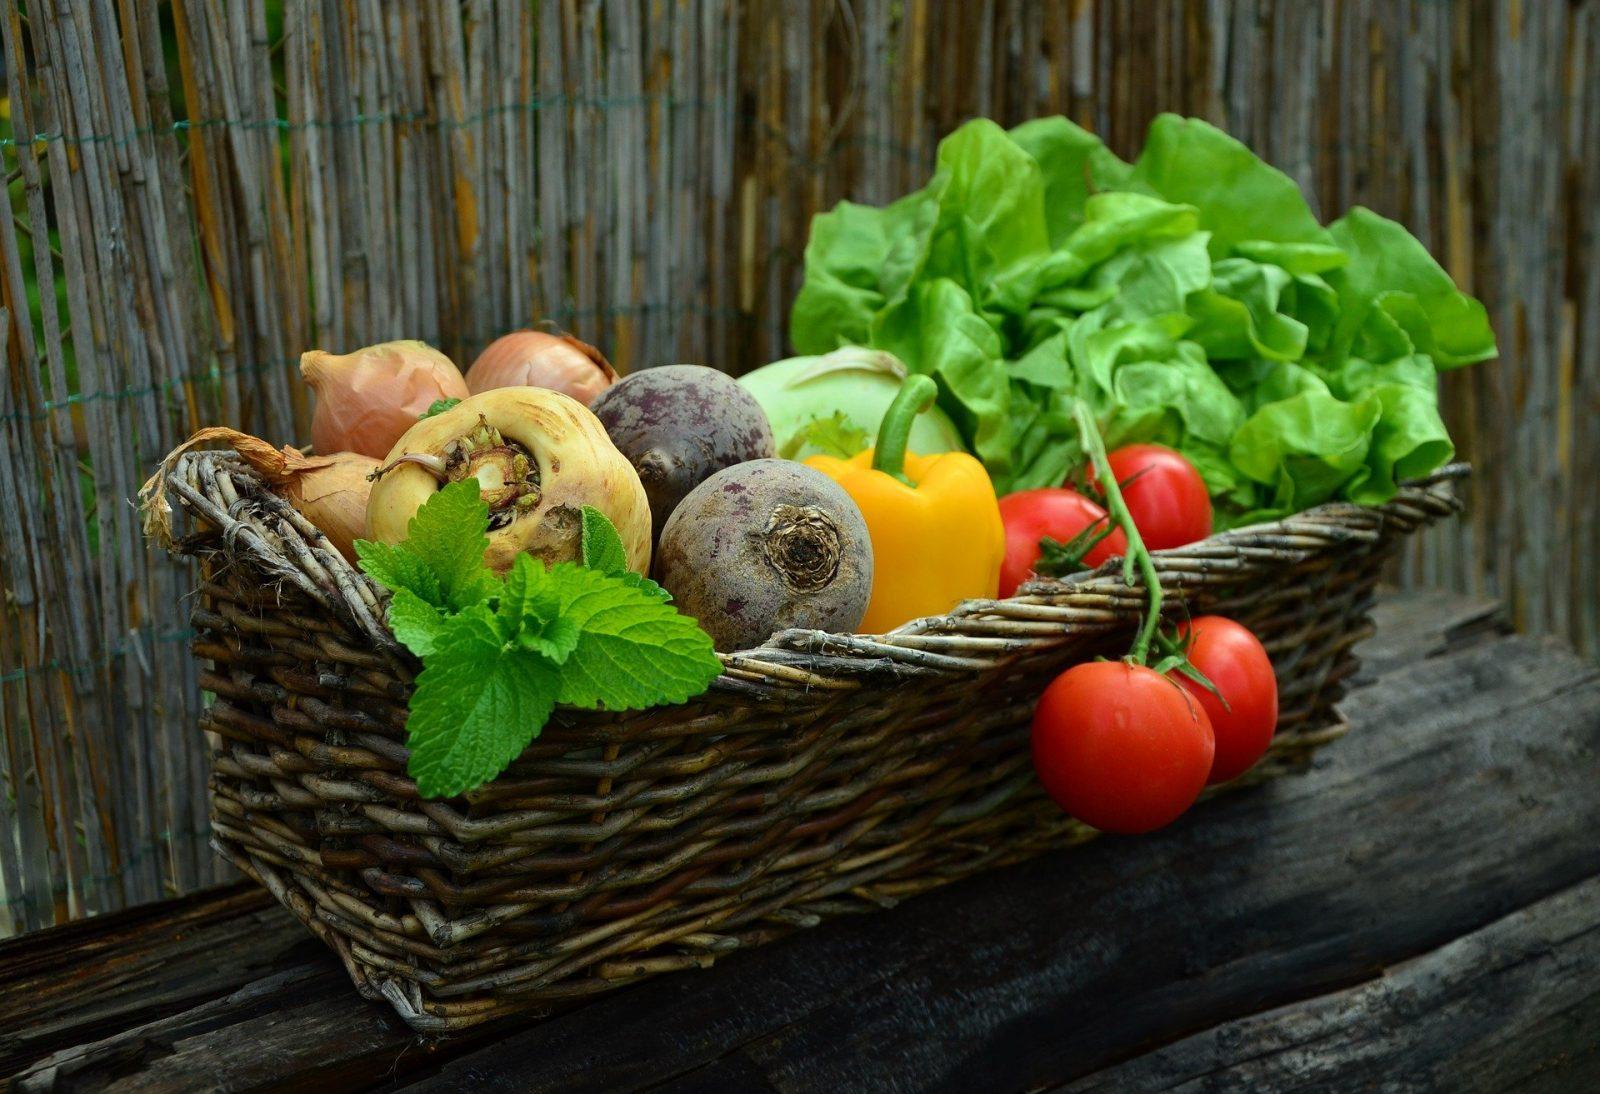 Fruta vegetal imagen gratis gratis